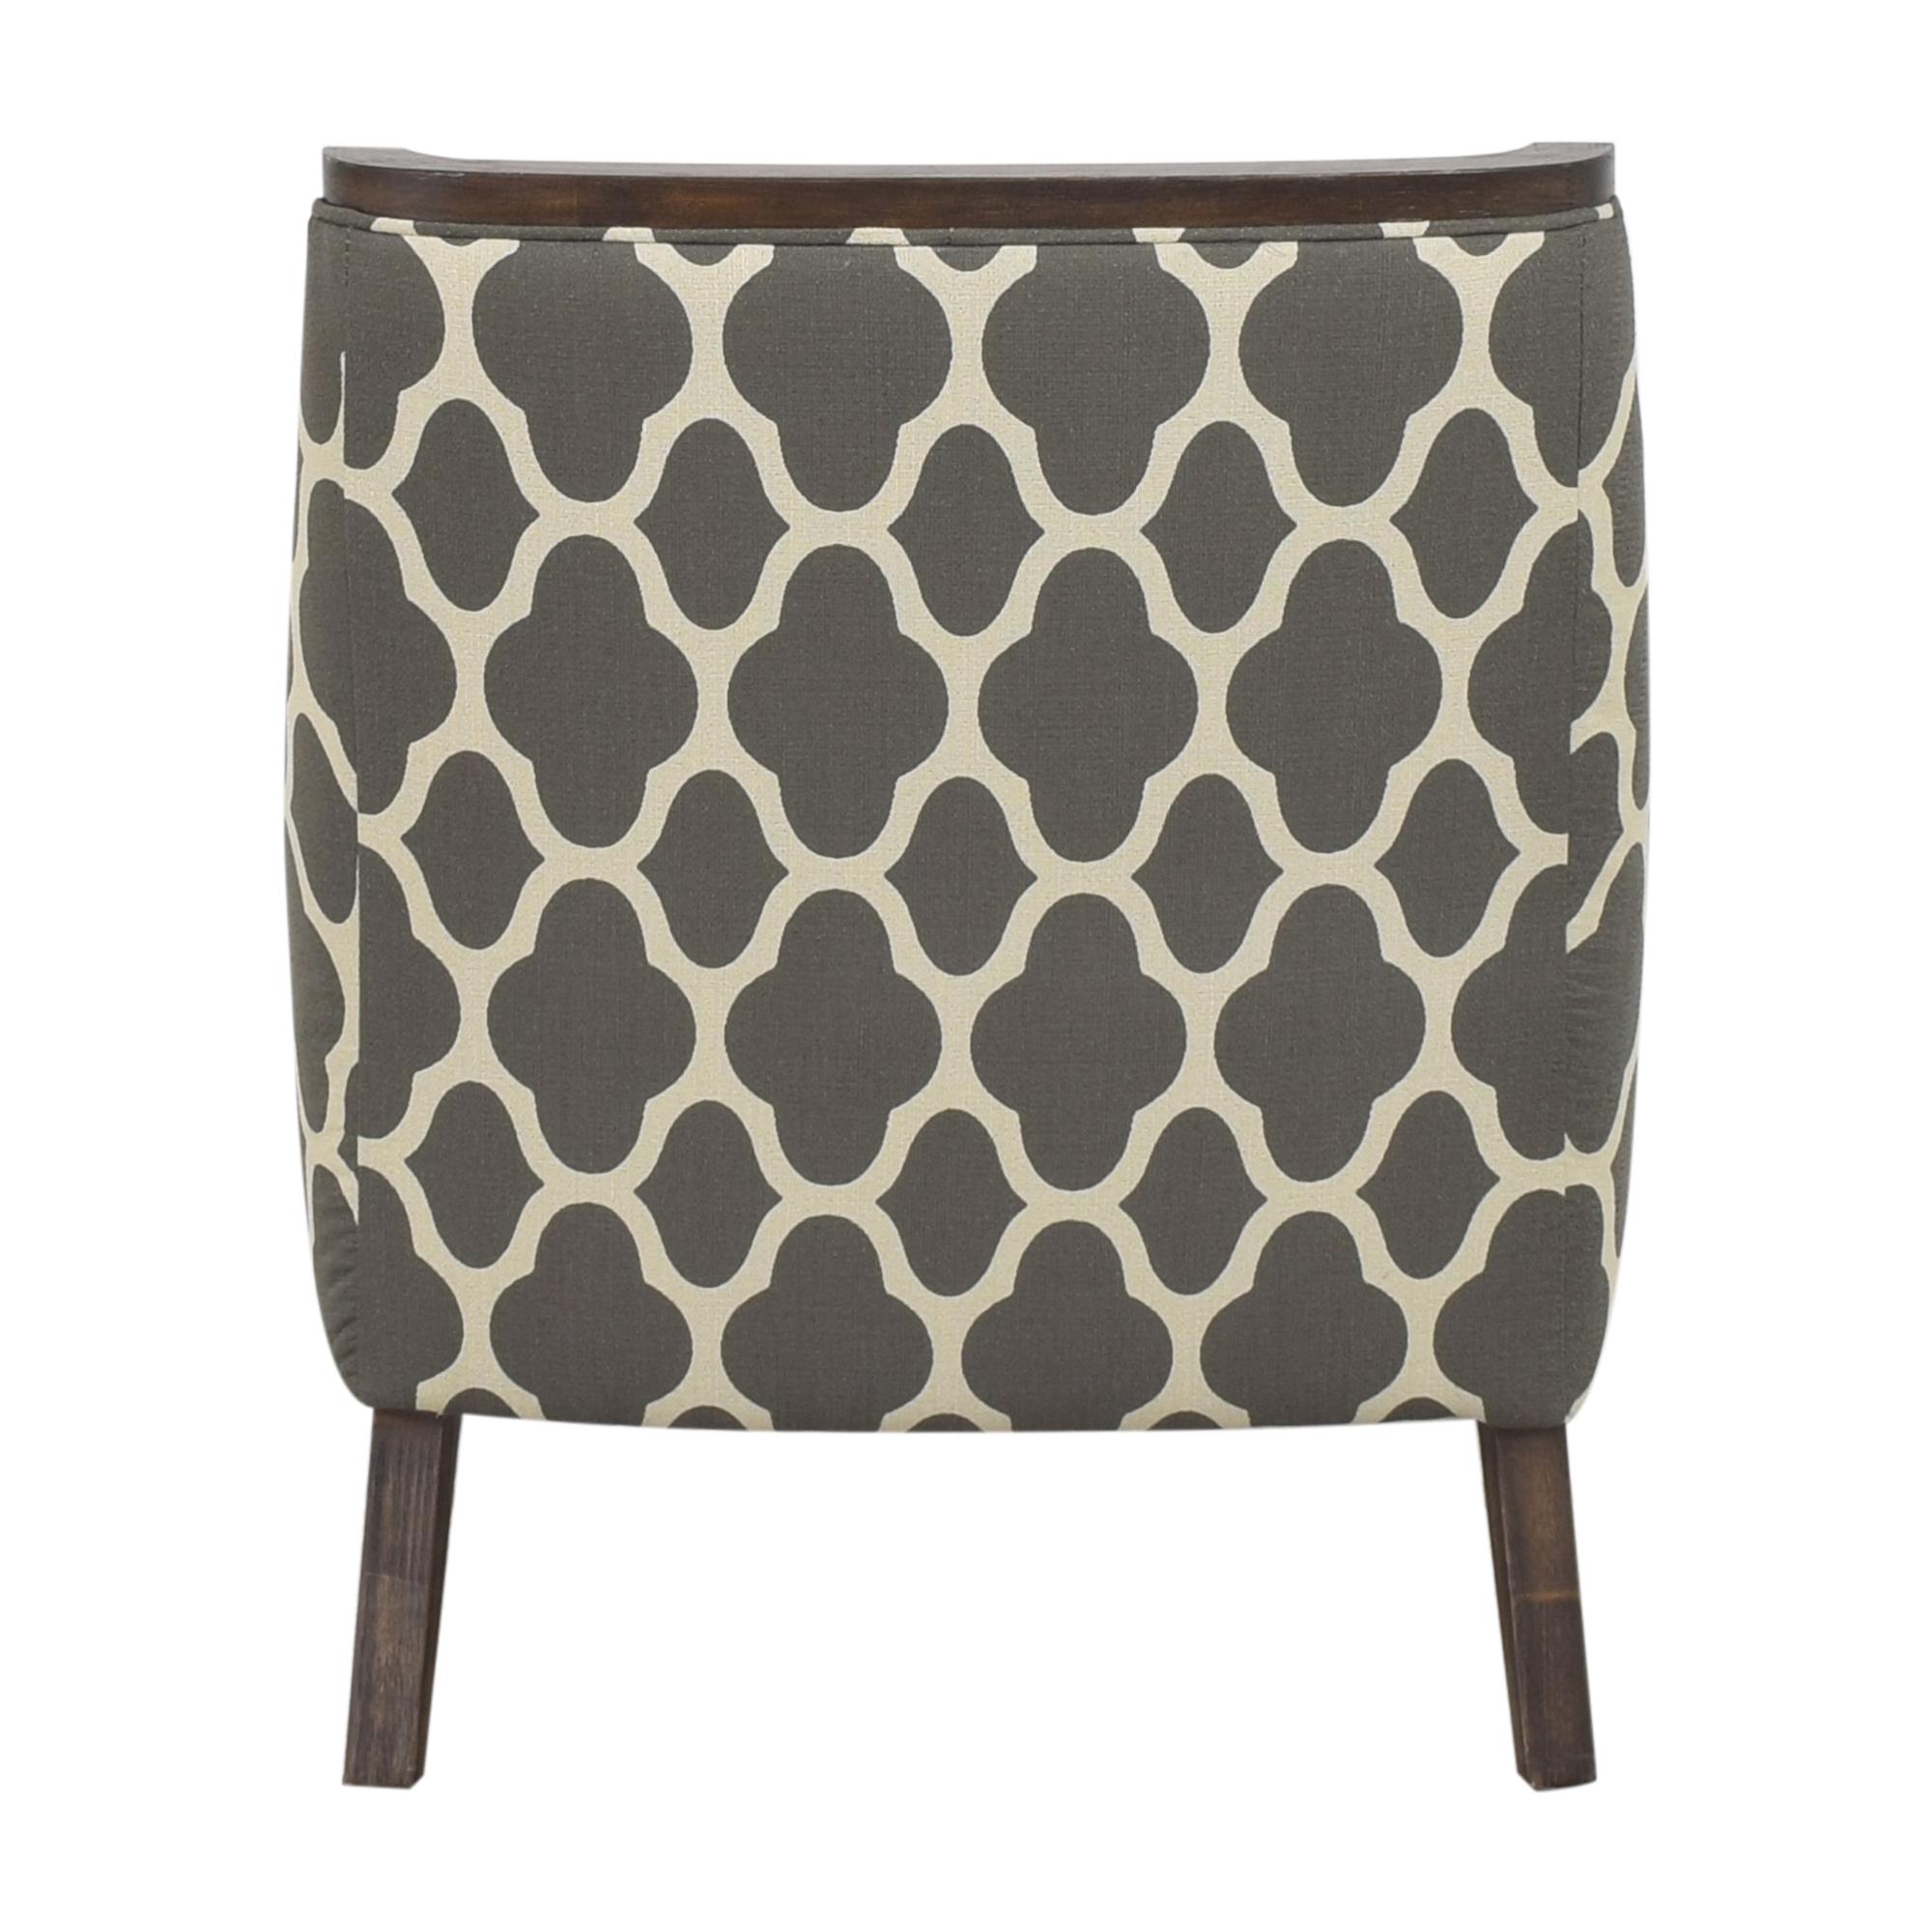 Macy's Quatrefoil Accent Chair Macy's